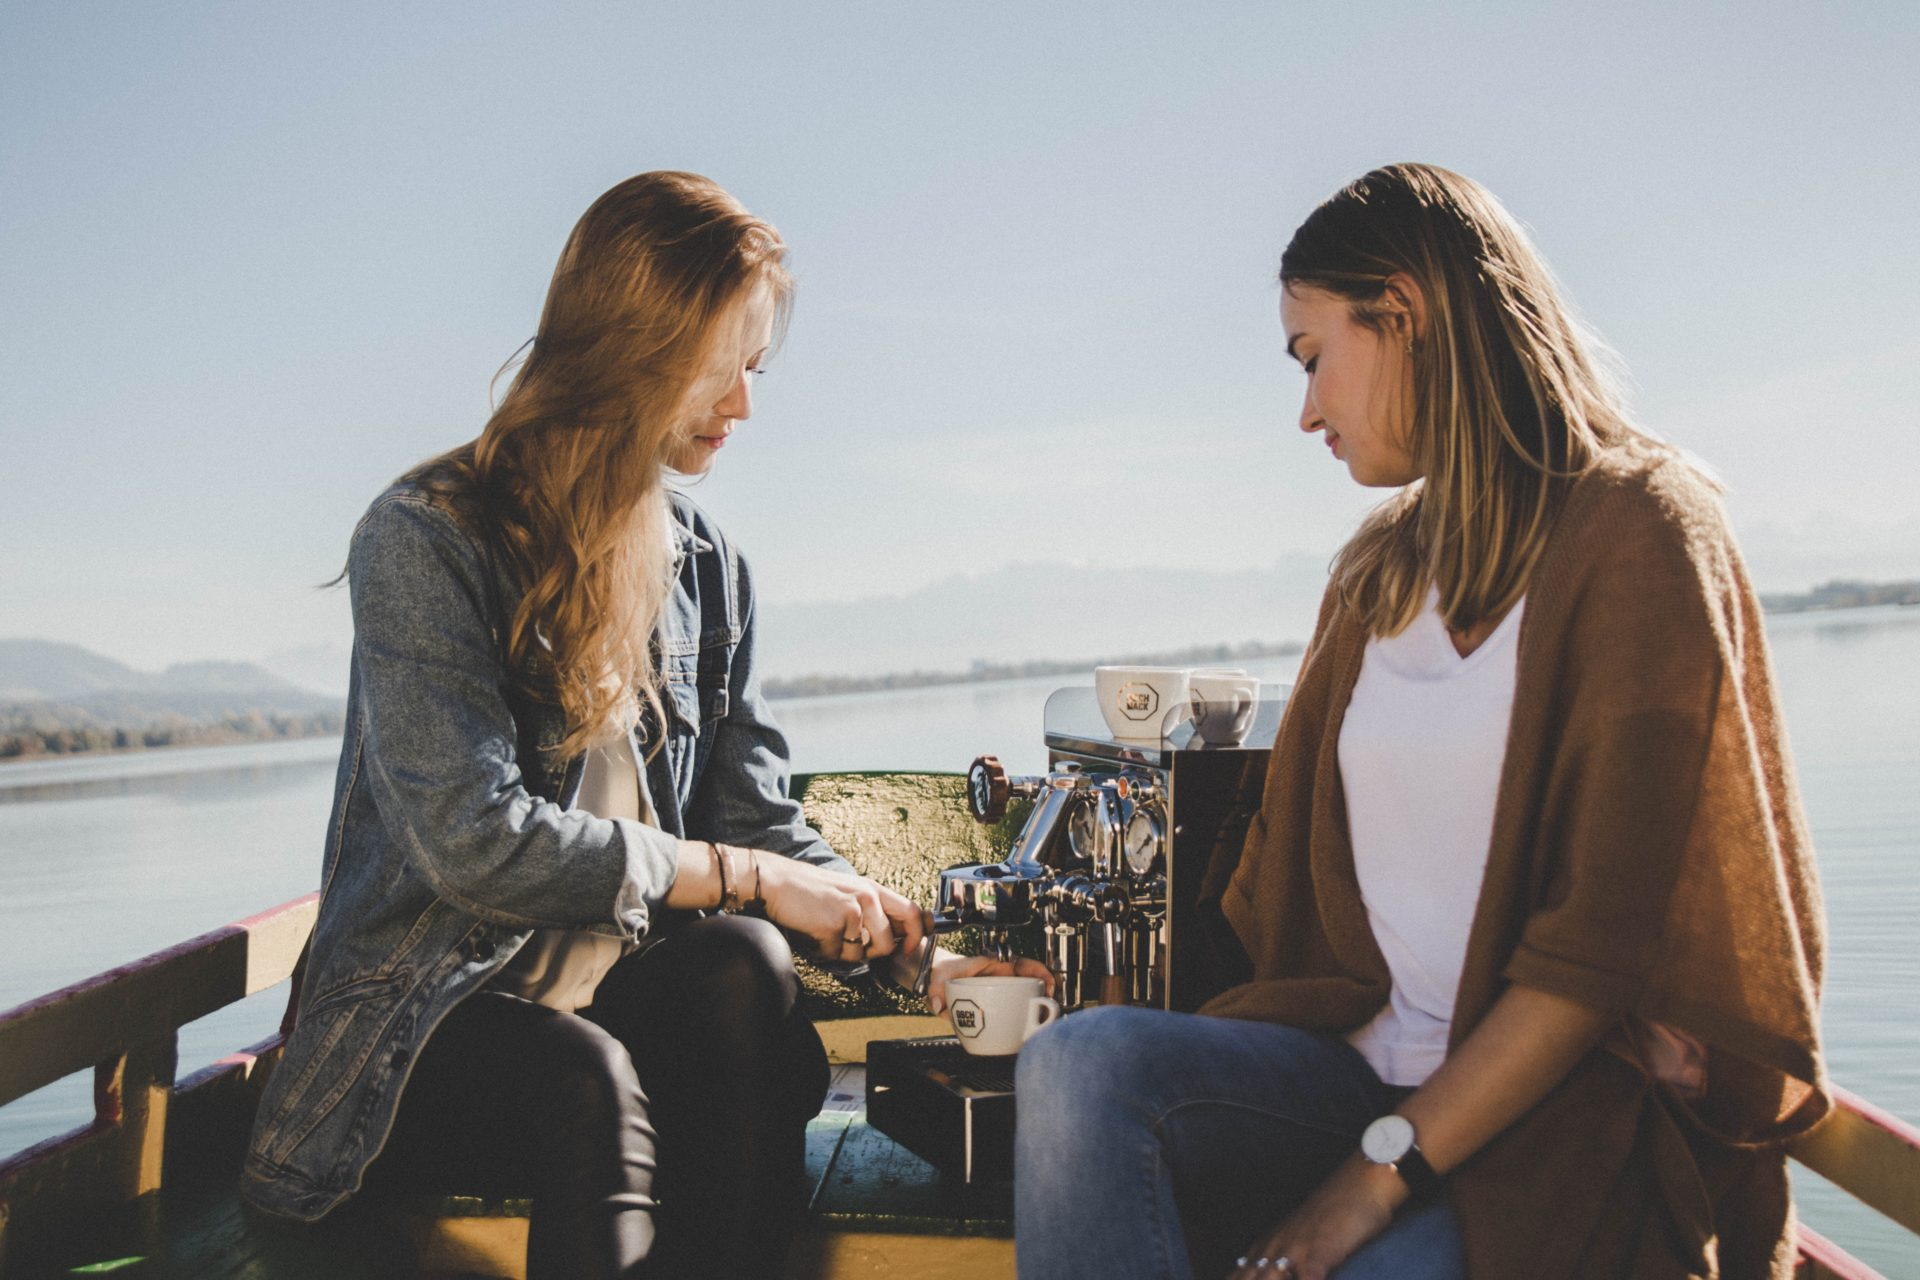 Ραντεβού ή απλά φίλοι με προνόμια